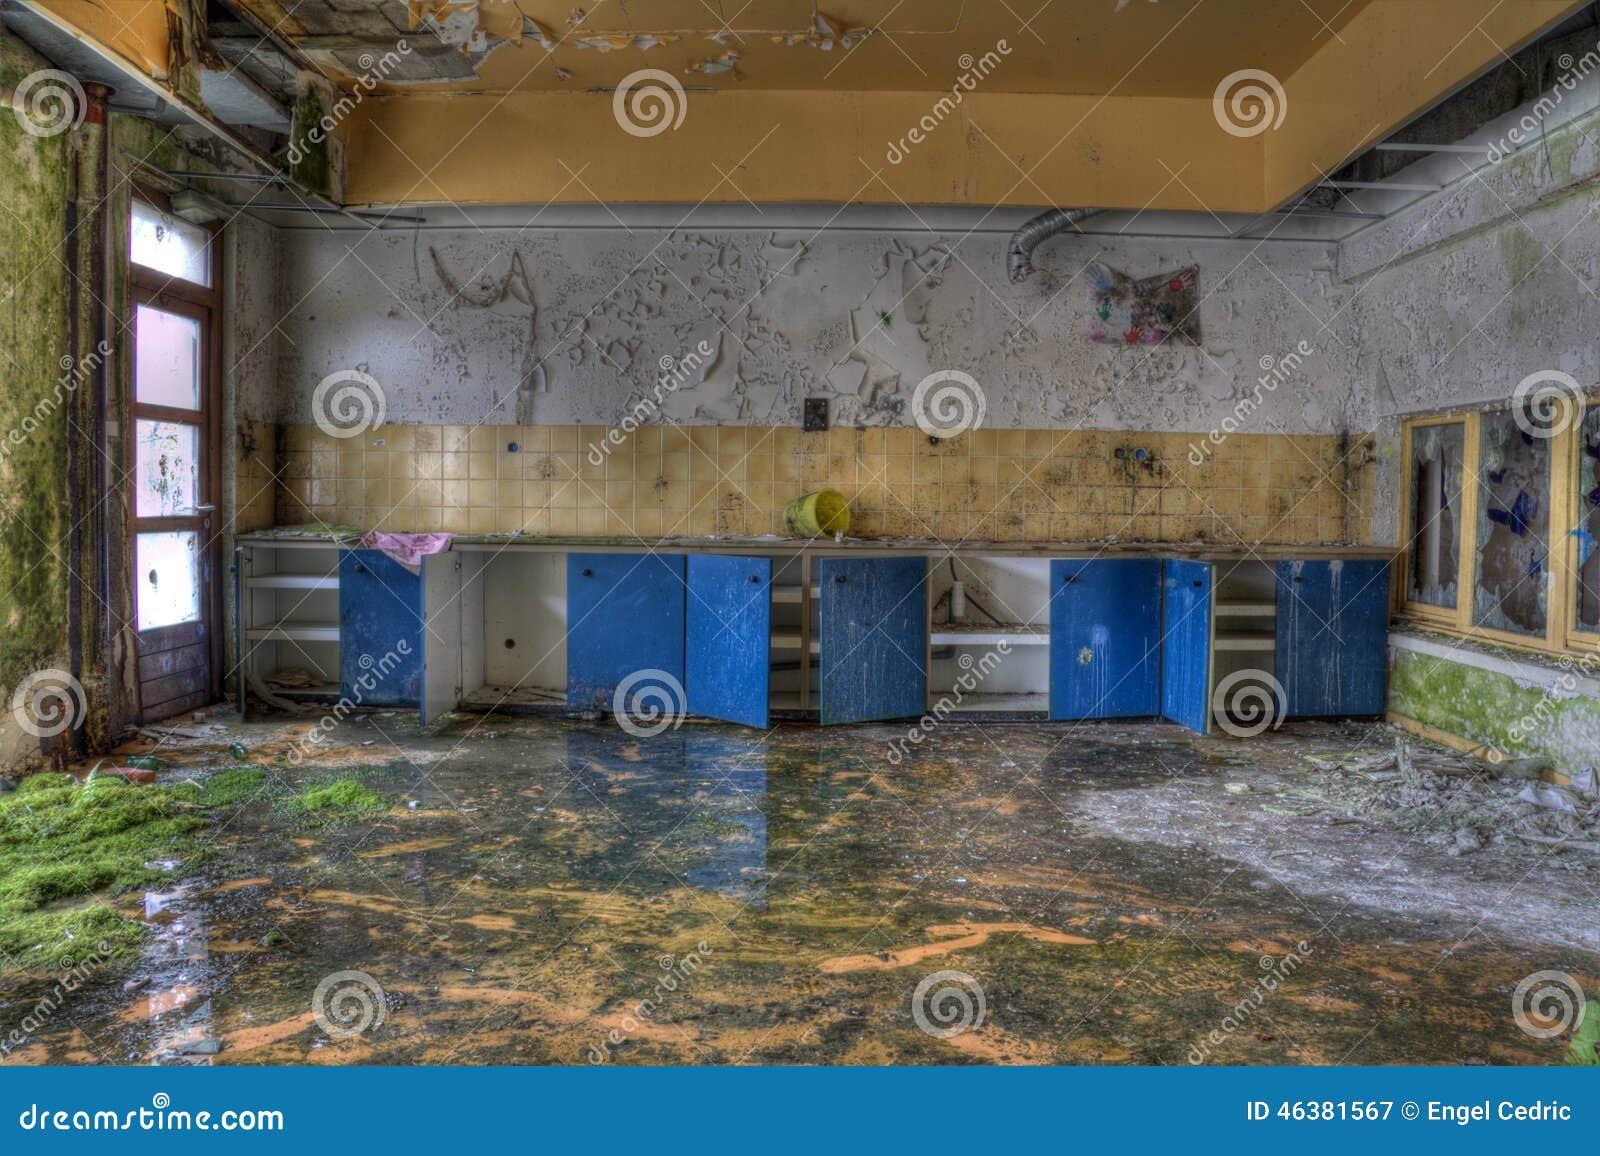 Sinaasappel En Blauw Verlaten Keuken Stock Foto - Afbeelding: 46381567